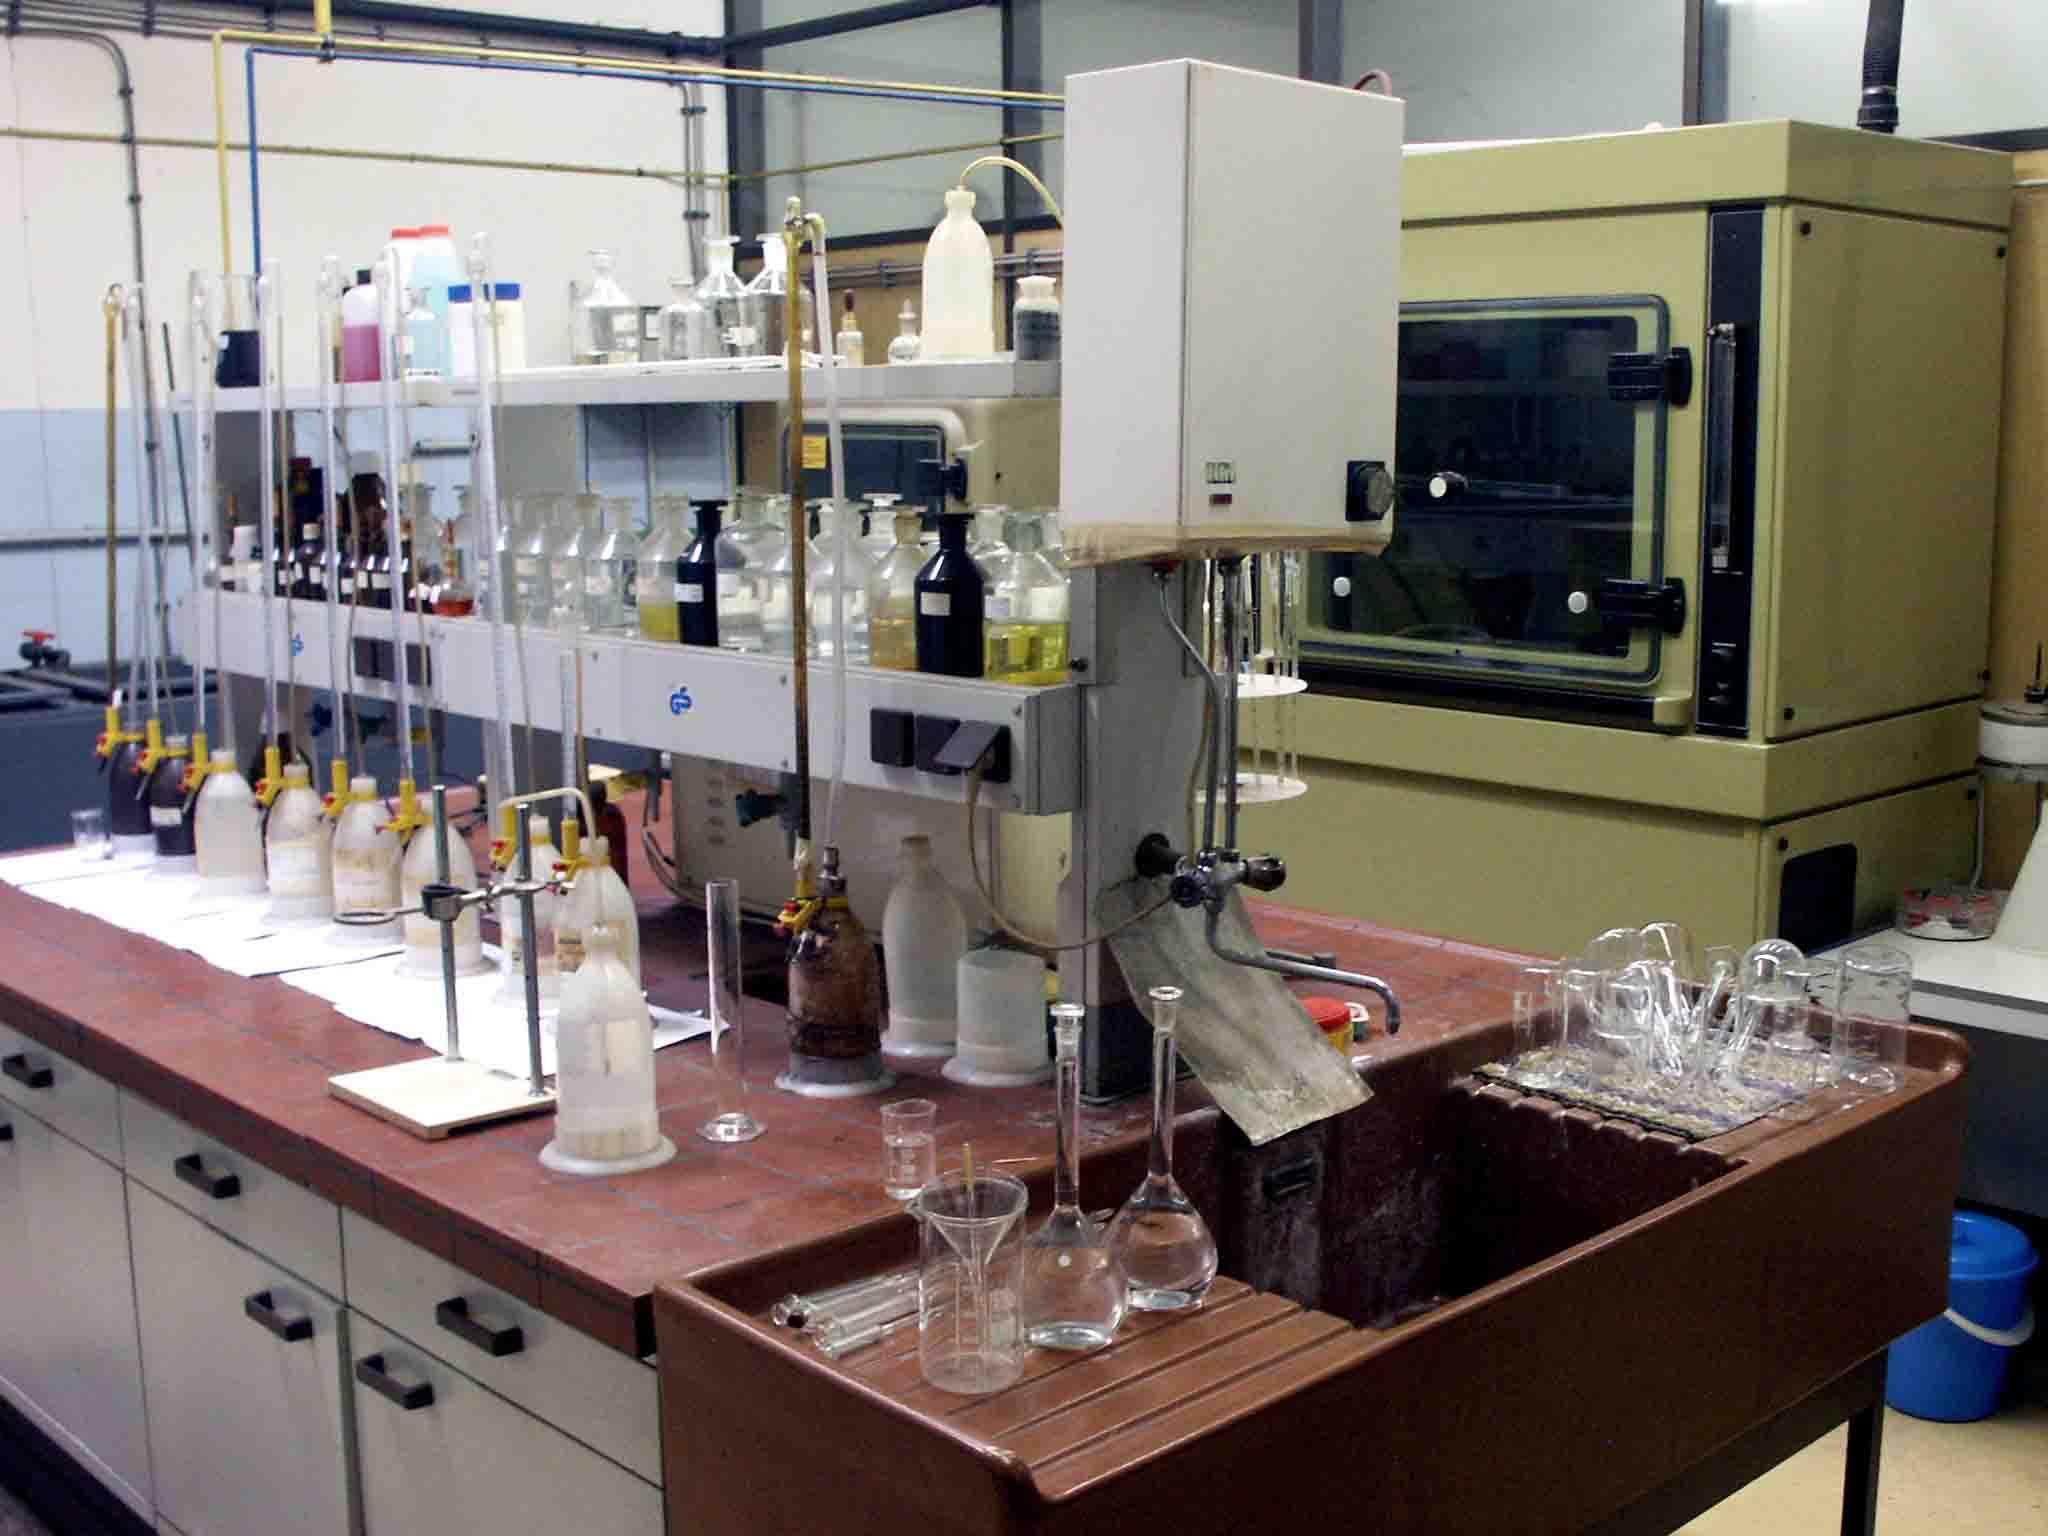 وسایل و لوازم آزمایشگاه آب